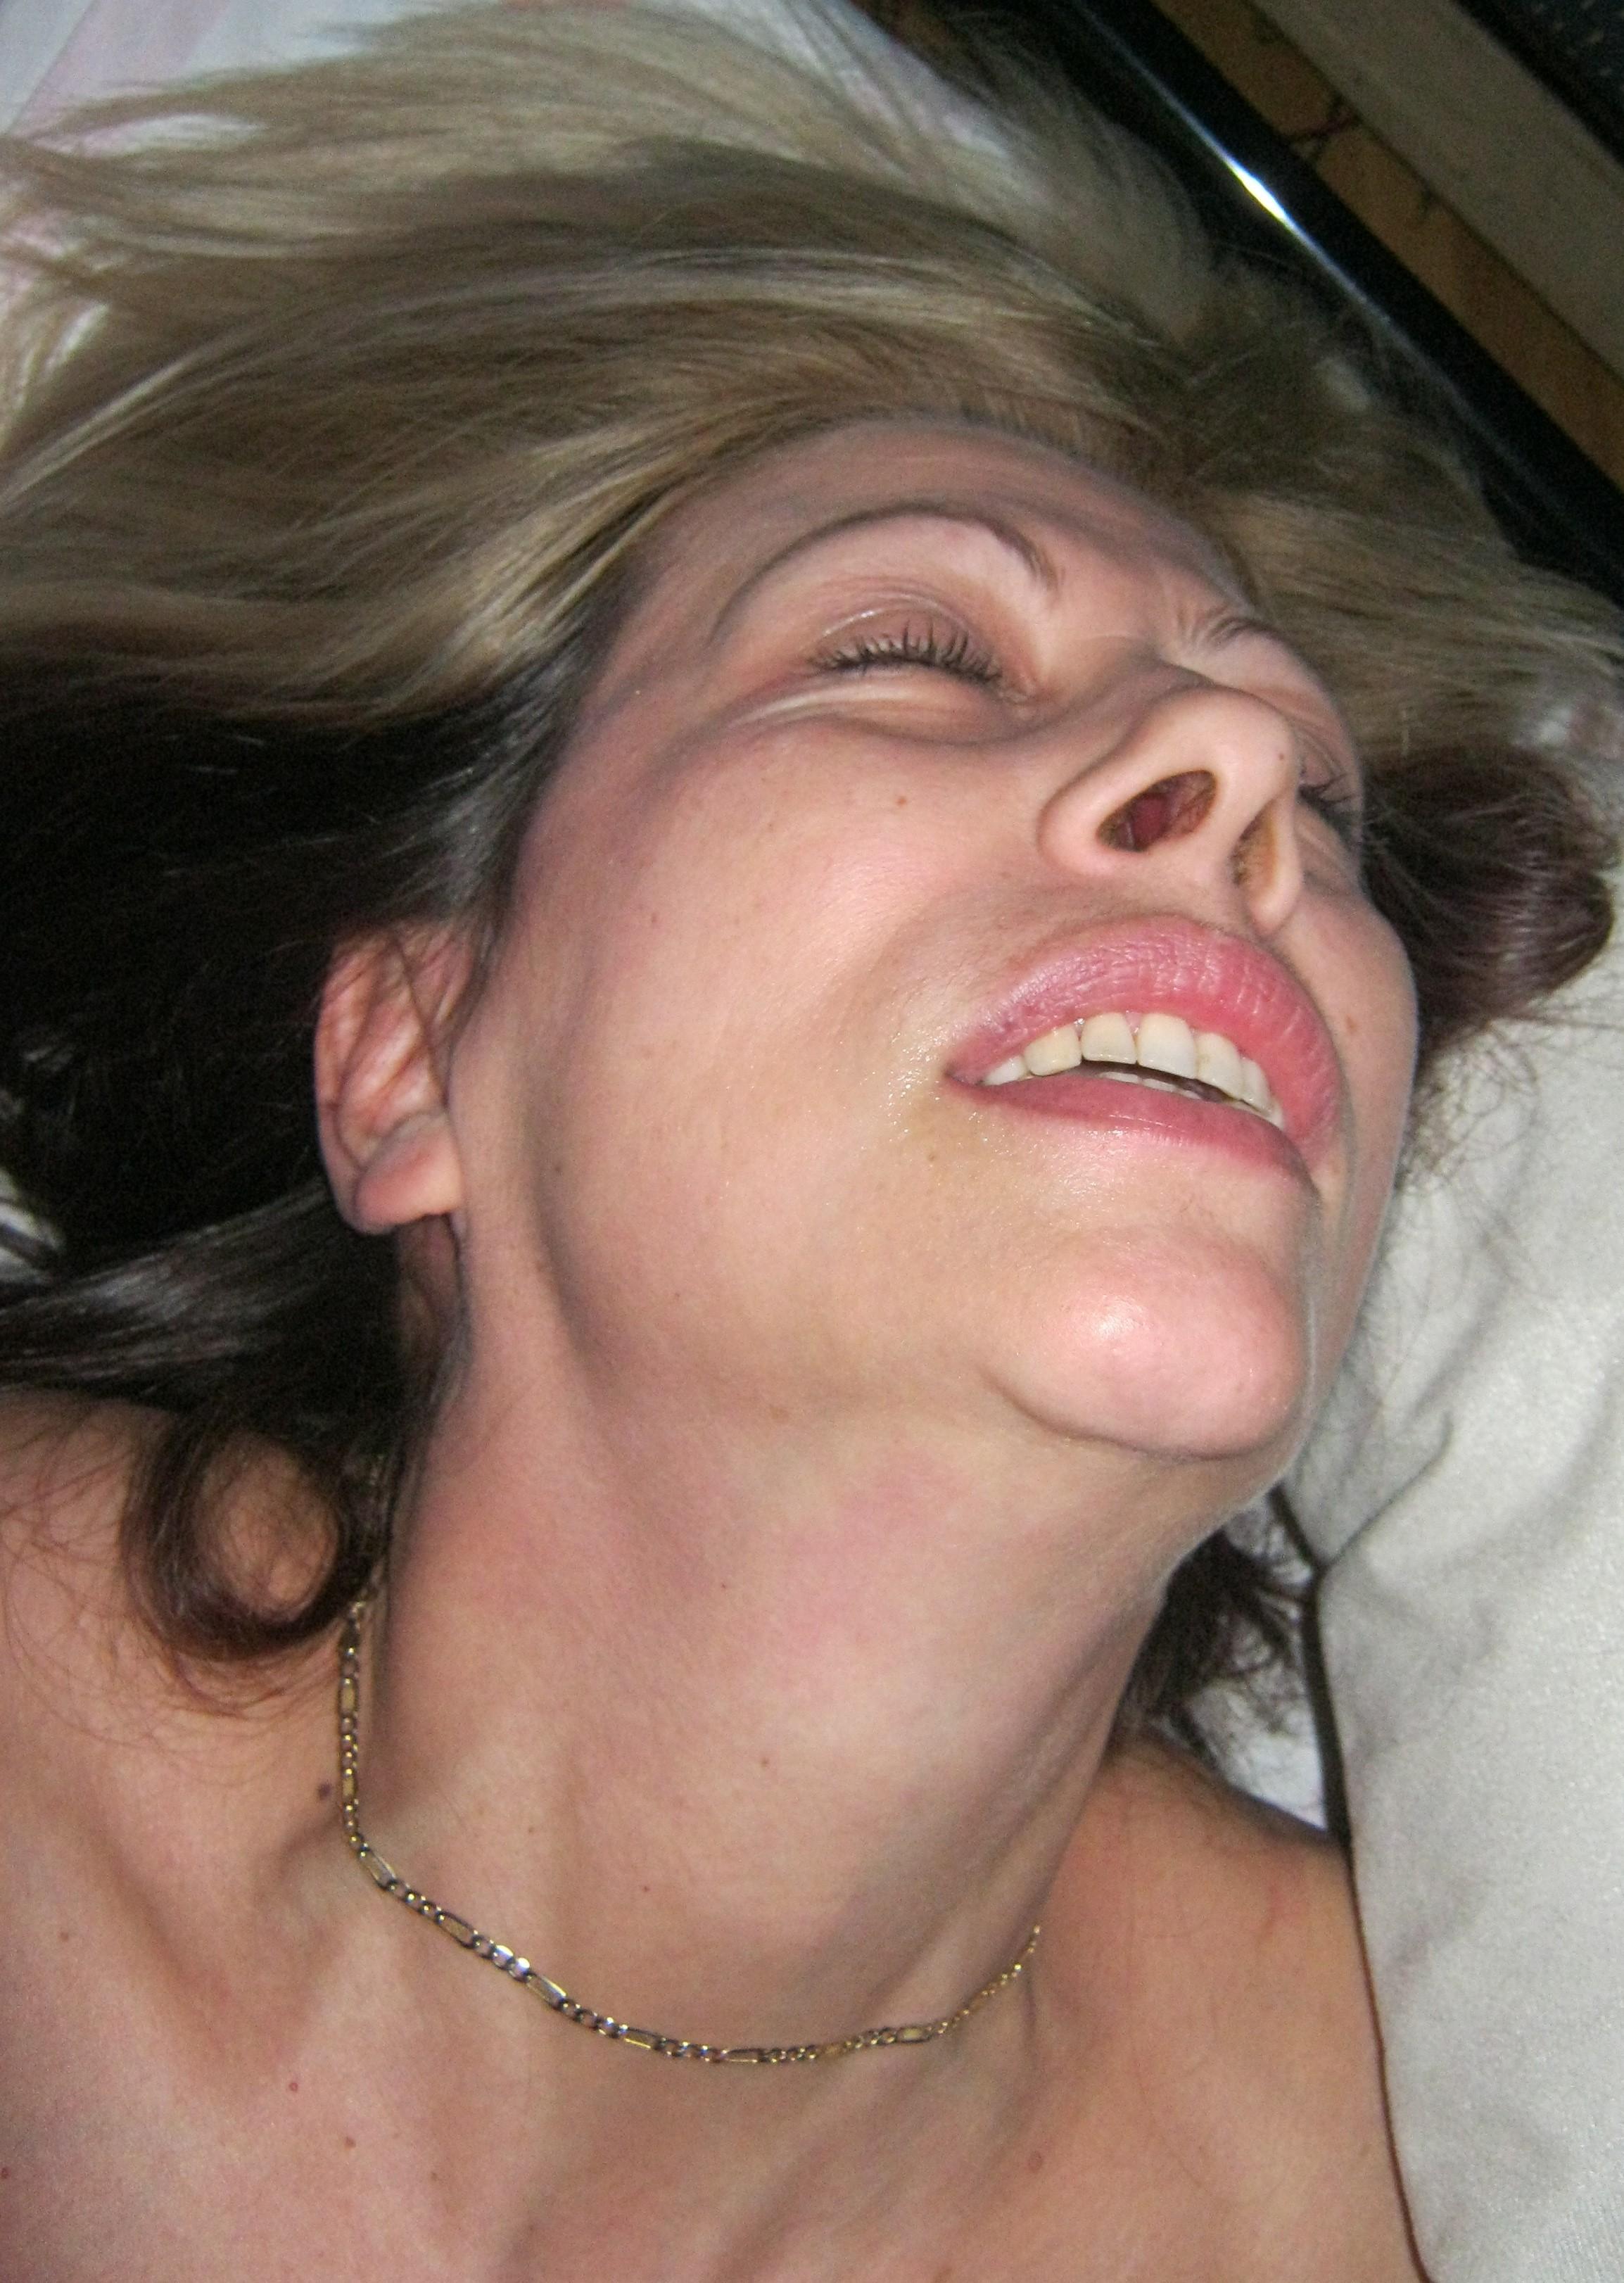 Зрелая жена кайфует от первого в ее жизни МЖМ